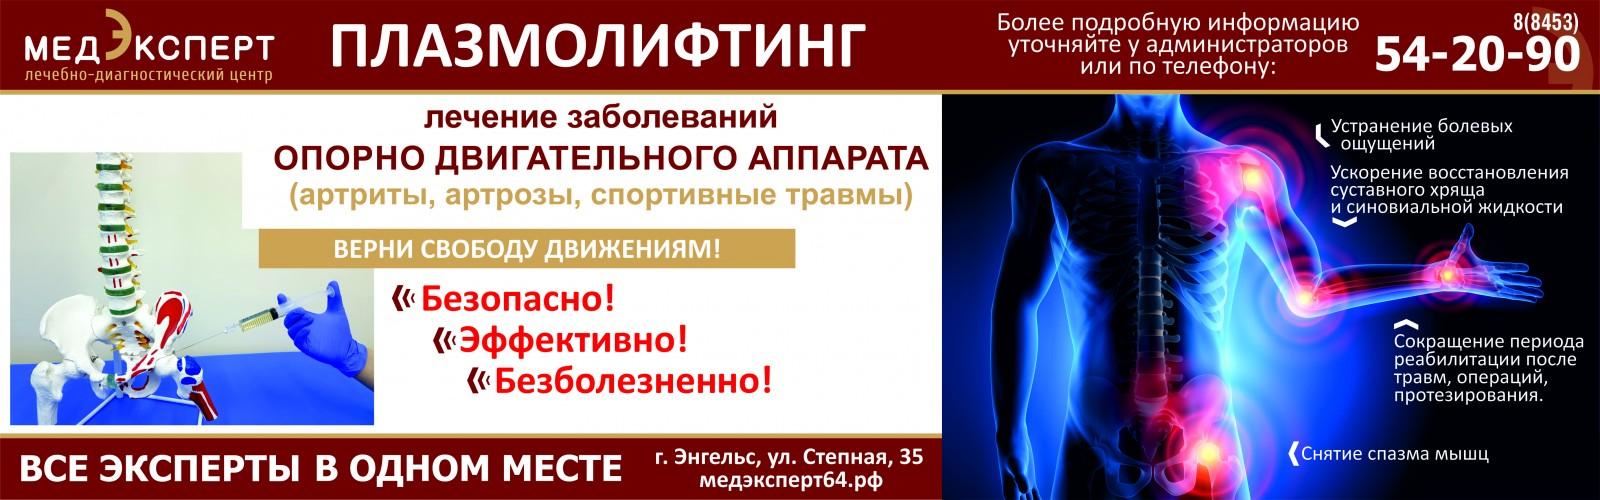 Артроз плечевого сустава лечение в саратове чем можно лечить суставы при беременности